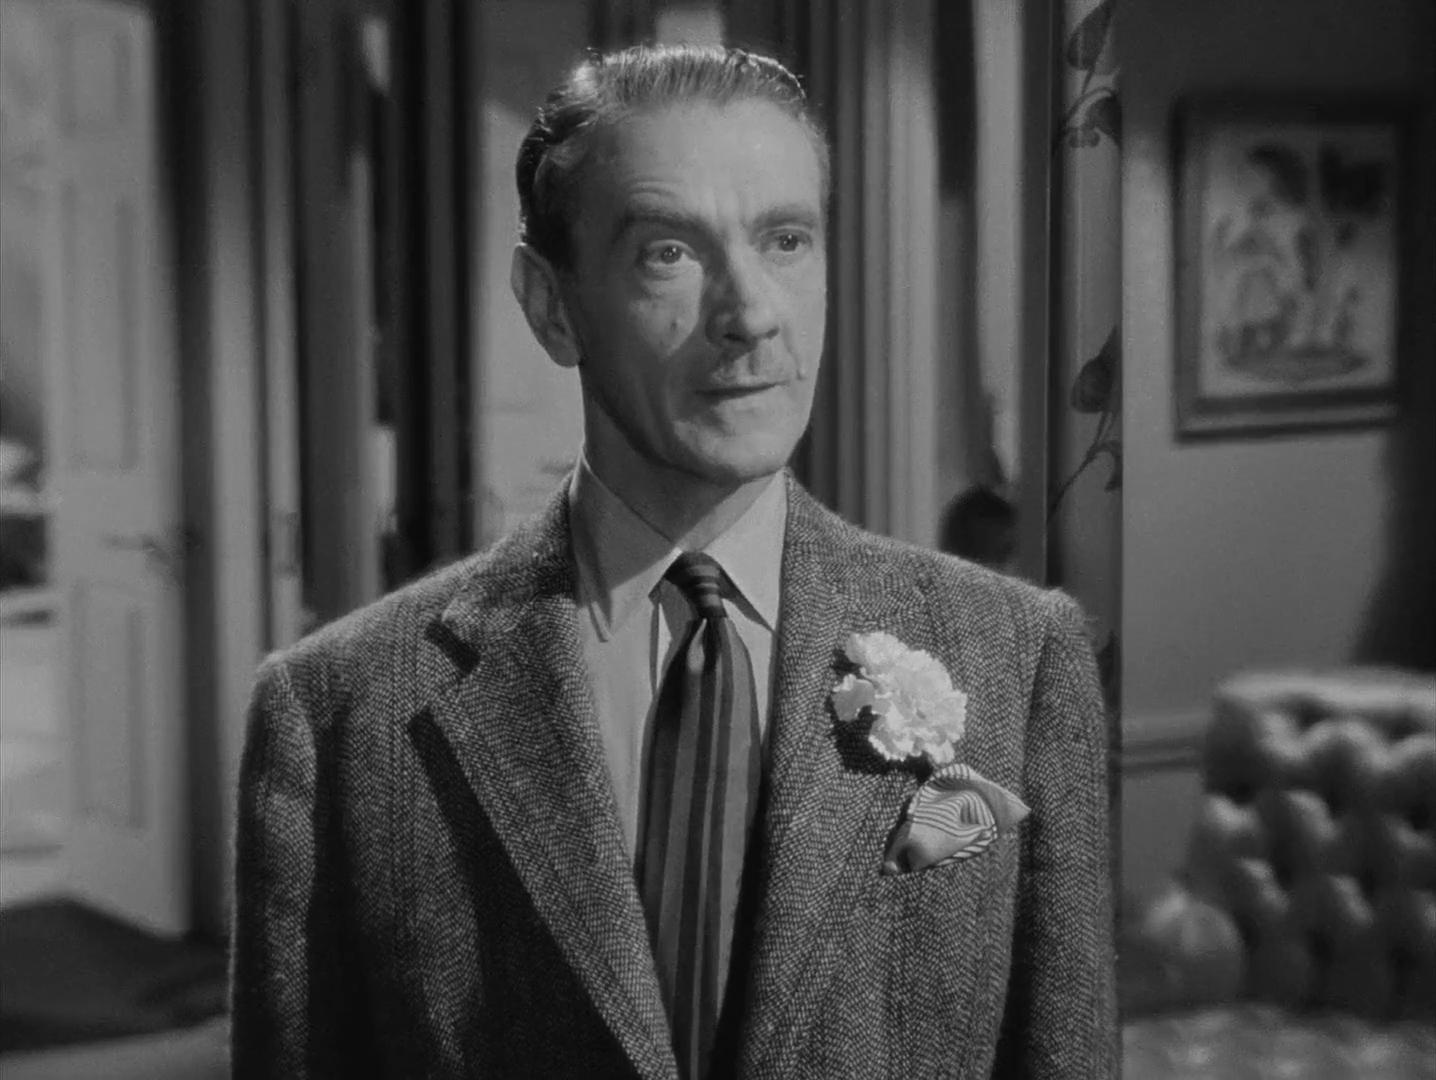 Clifton Webb dans le film noir Laura (1944) d'Otto Preminger